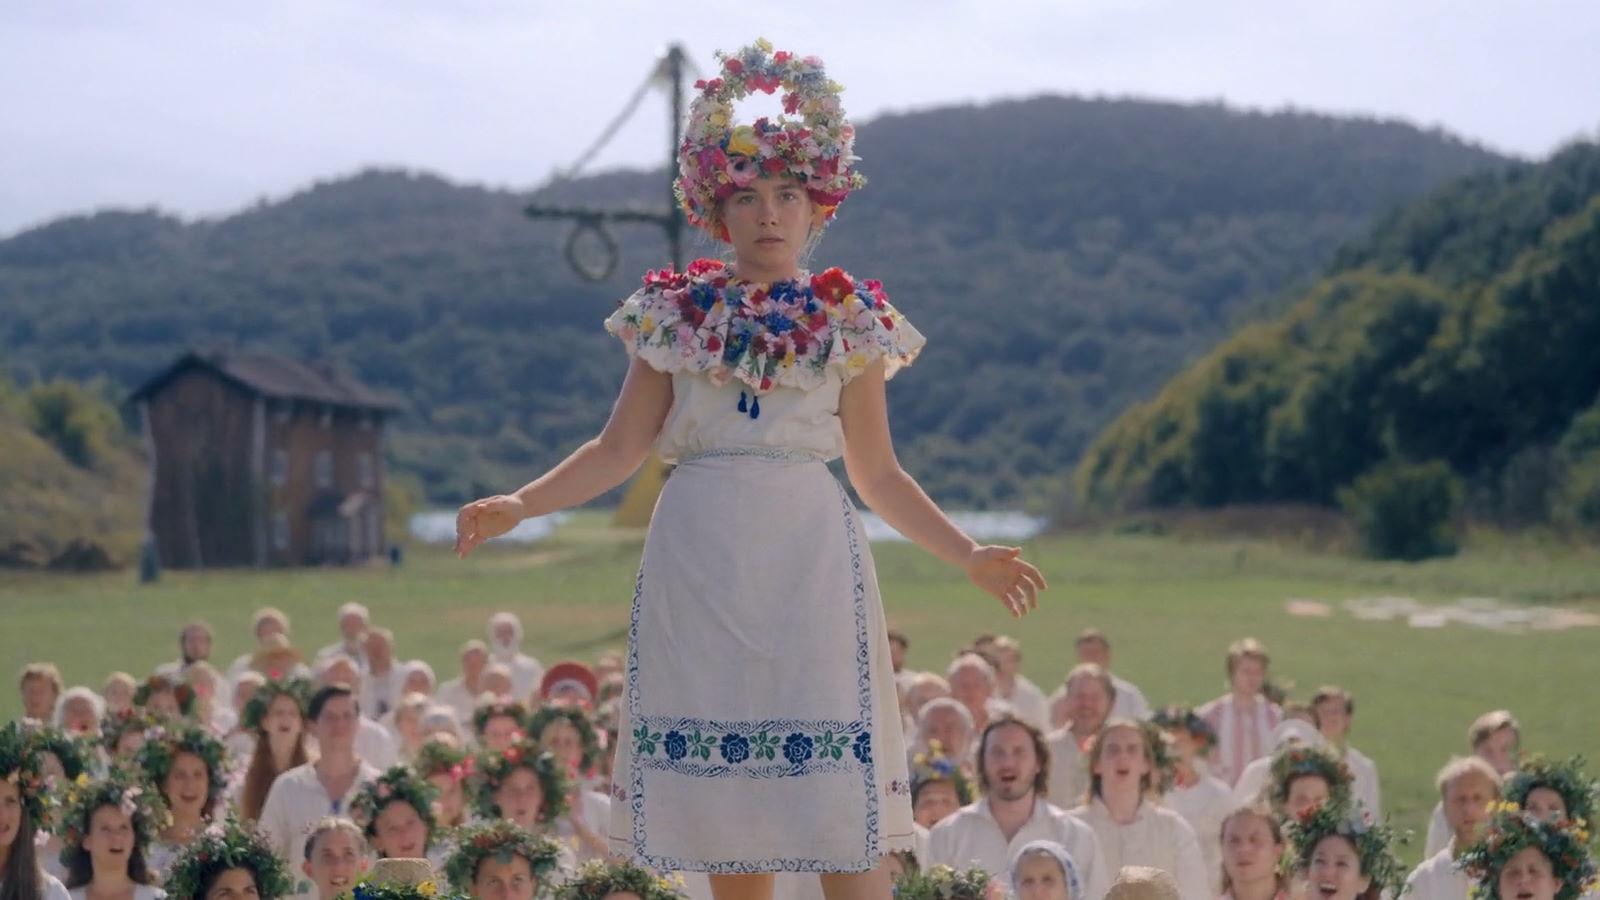 فیلم سینمایی میدسامر (Midsommar) را ببینیم یا نه؟